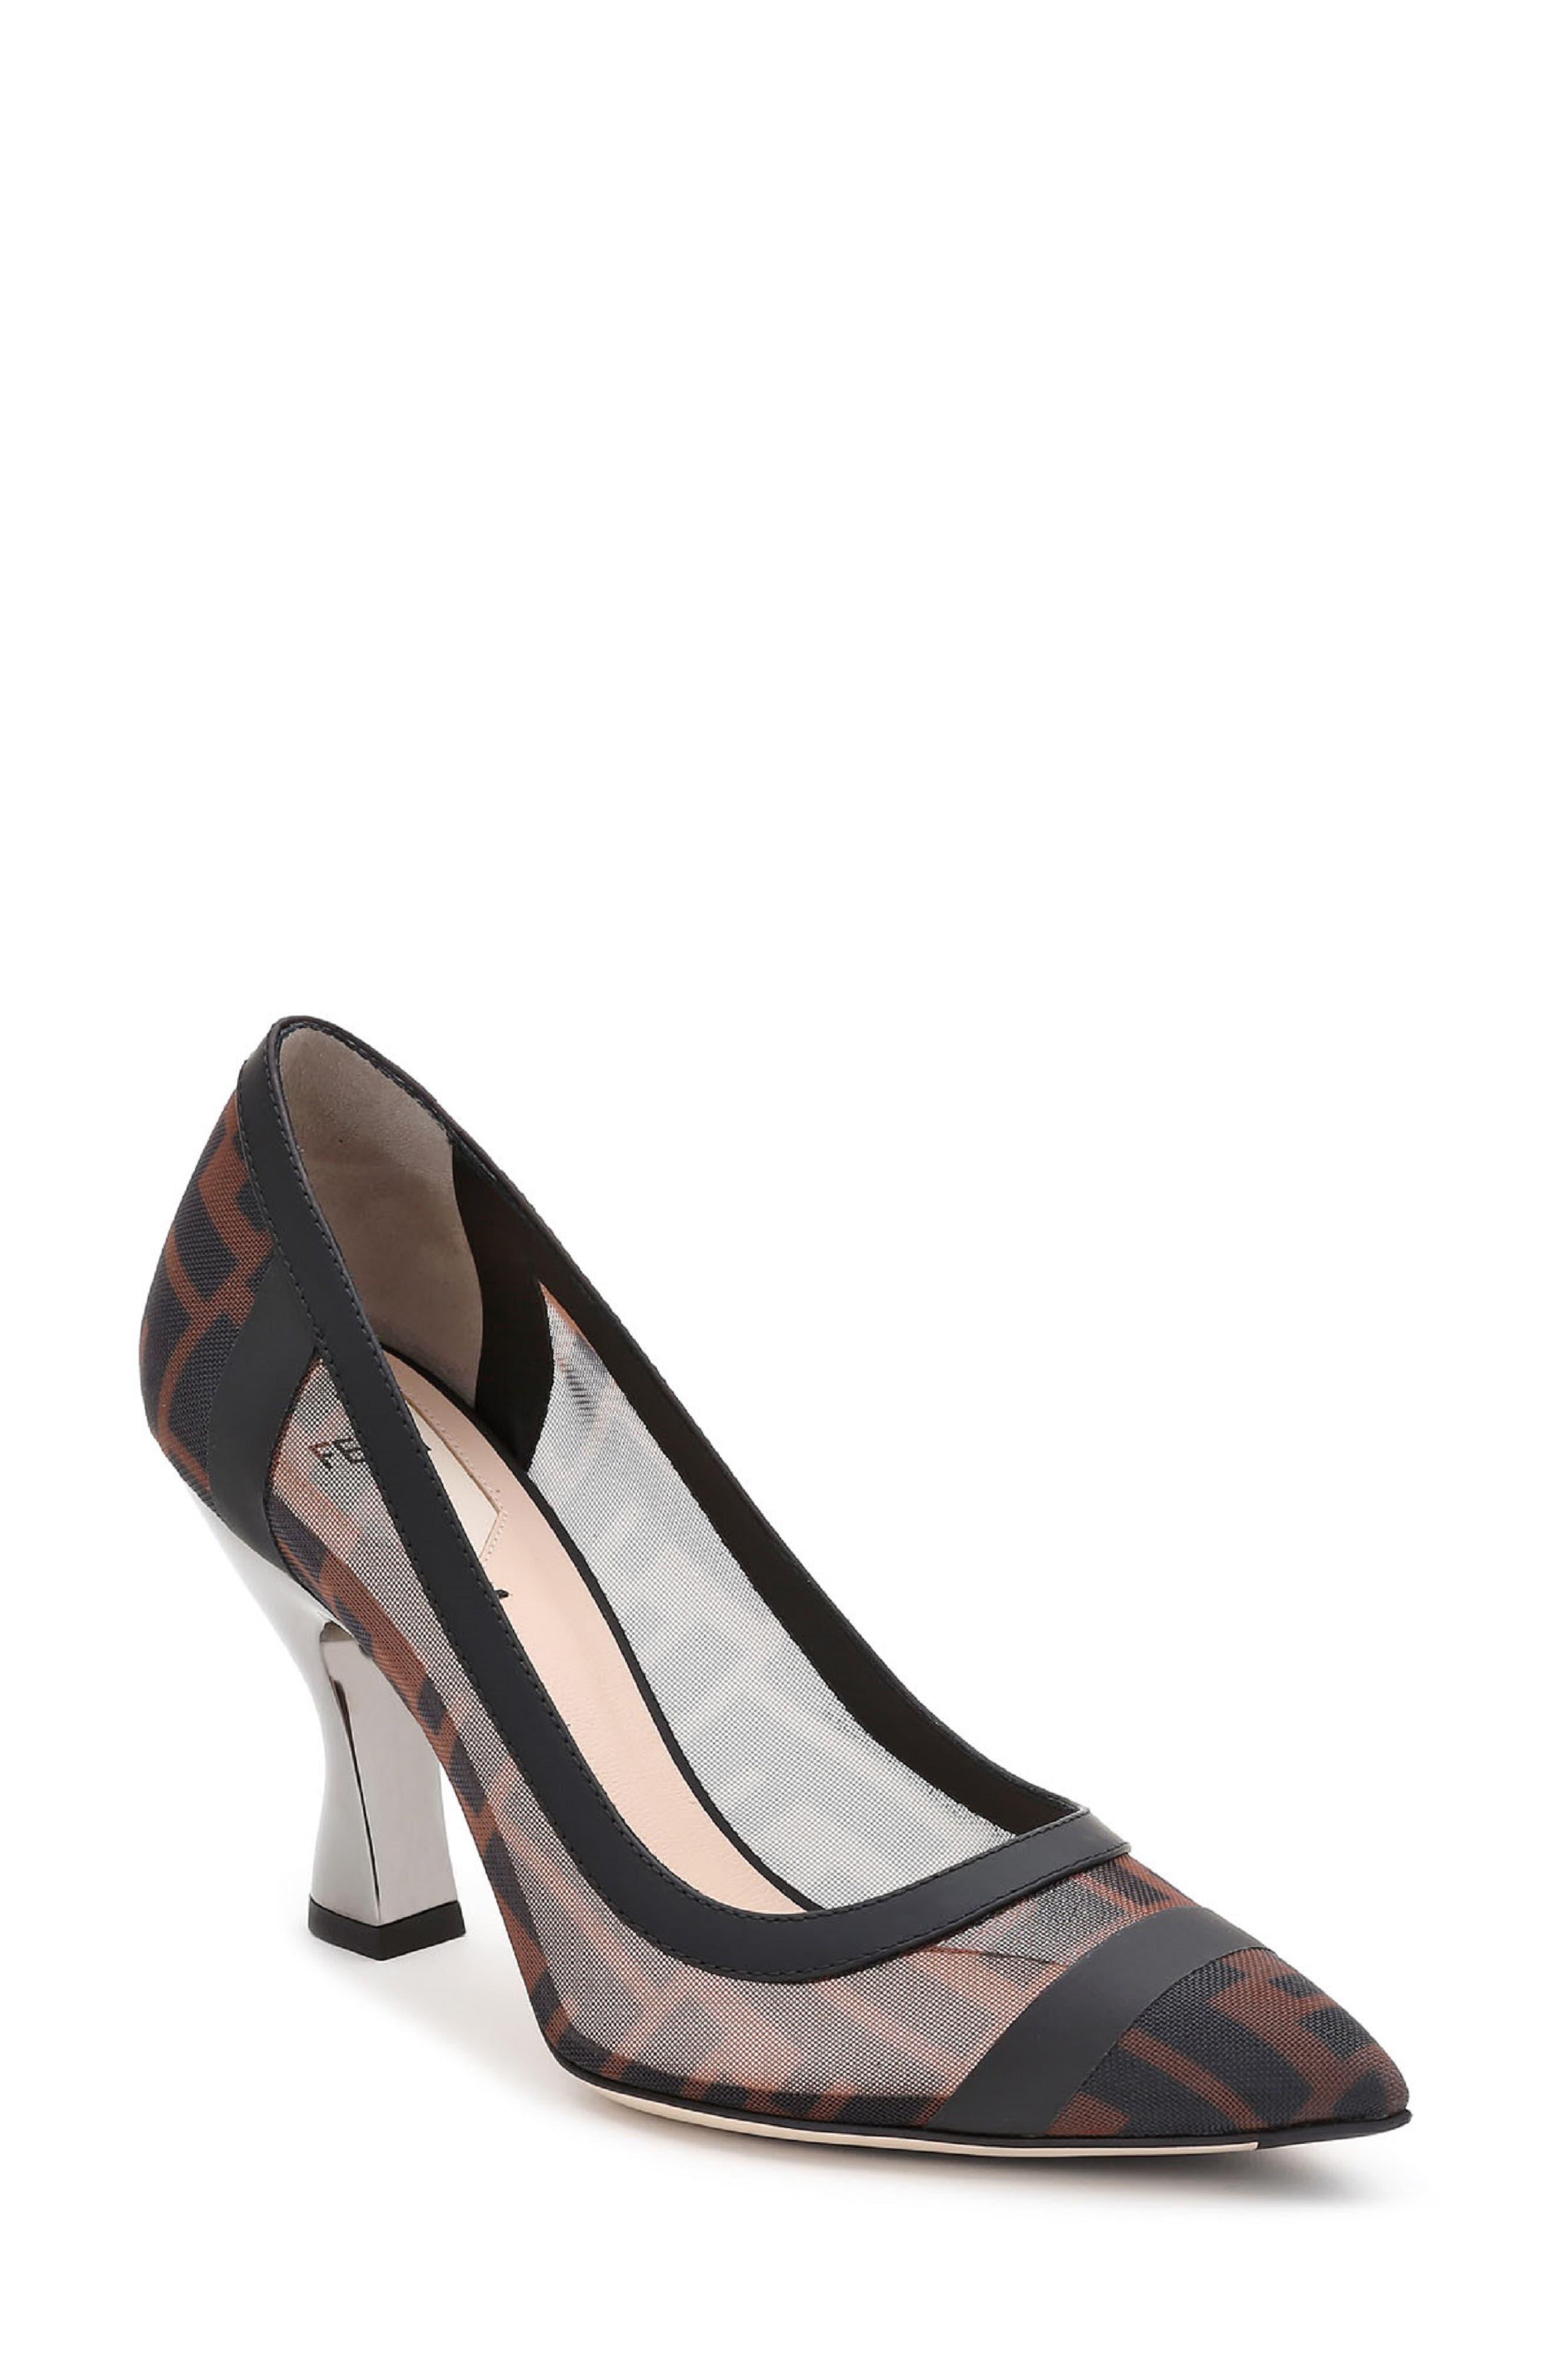 Women's Fendi Heels | Nordstrom